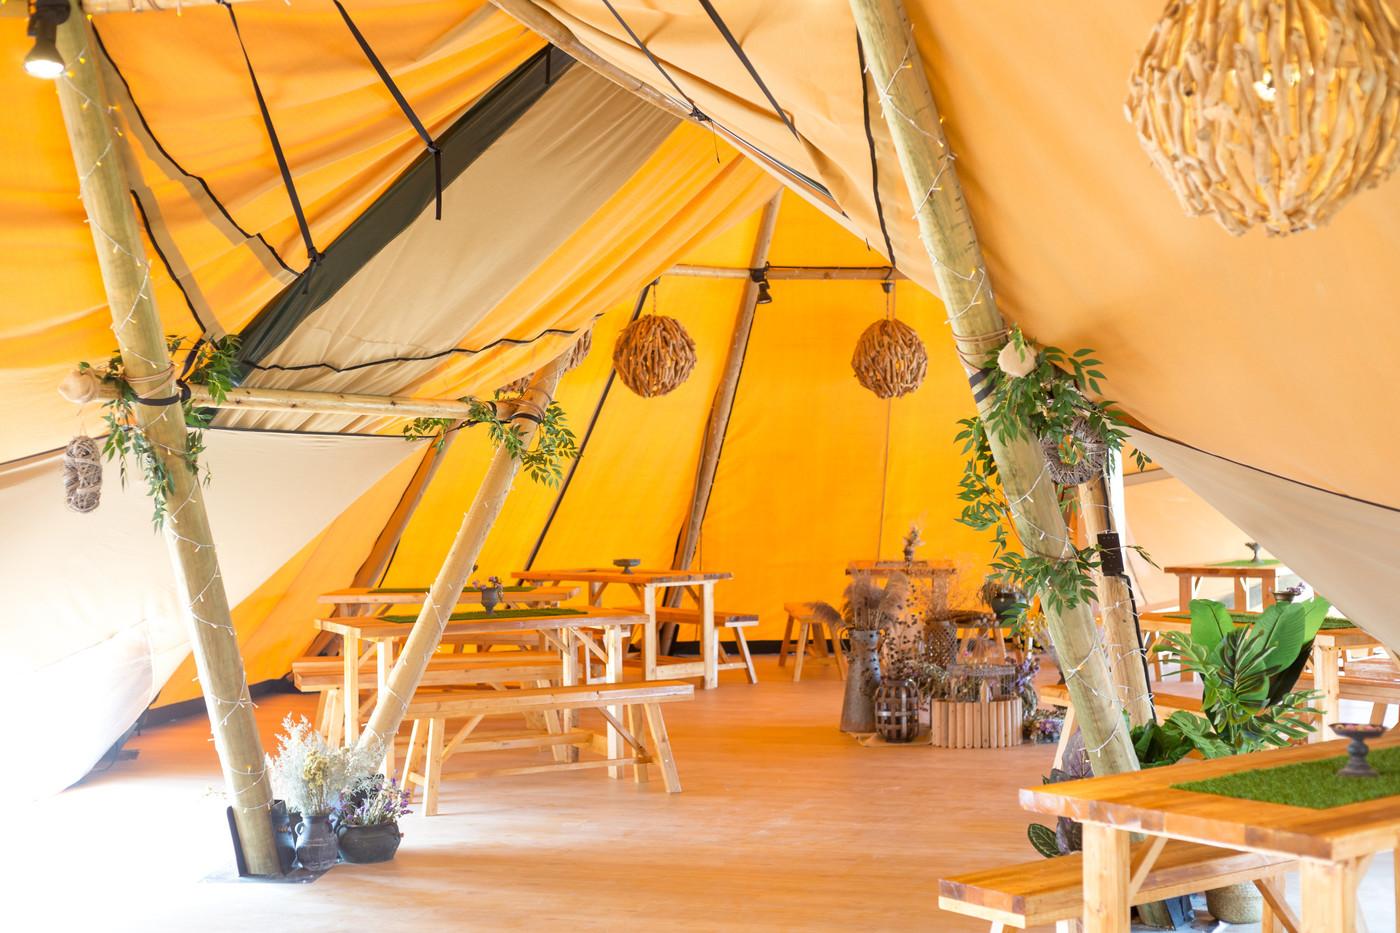 喜马拉雅印第安多功能大厅—淮安白马湖生态旅游度假区35